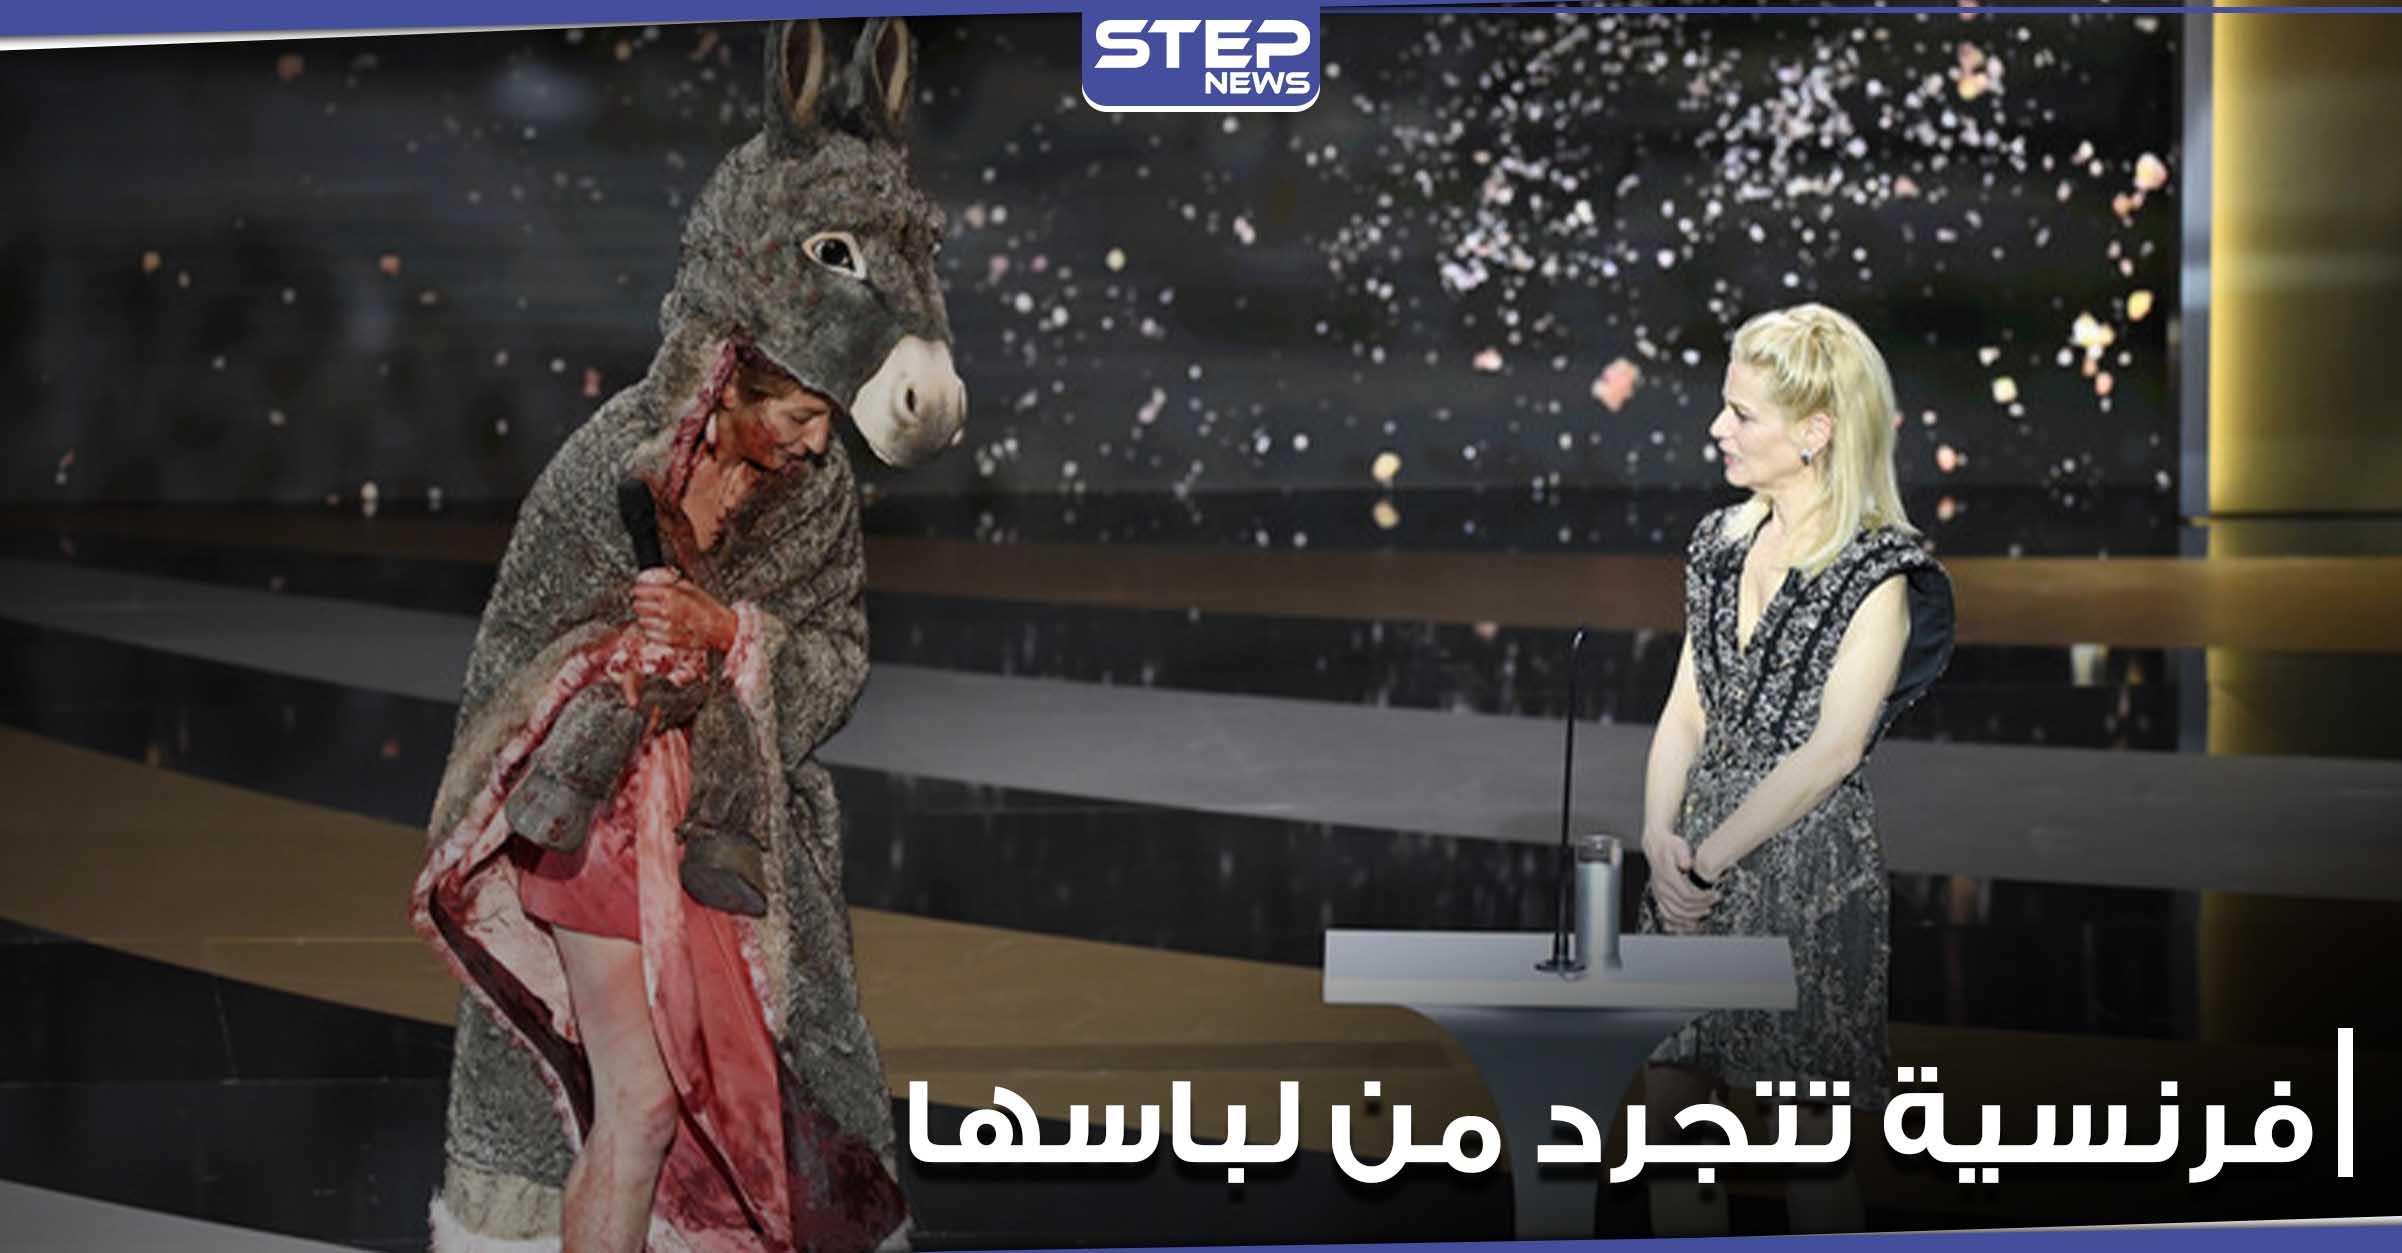 ممثلة فرنسية تتجرد من ملابسها